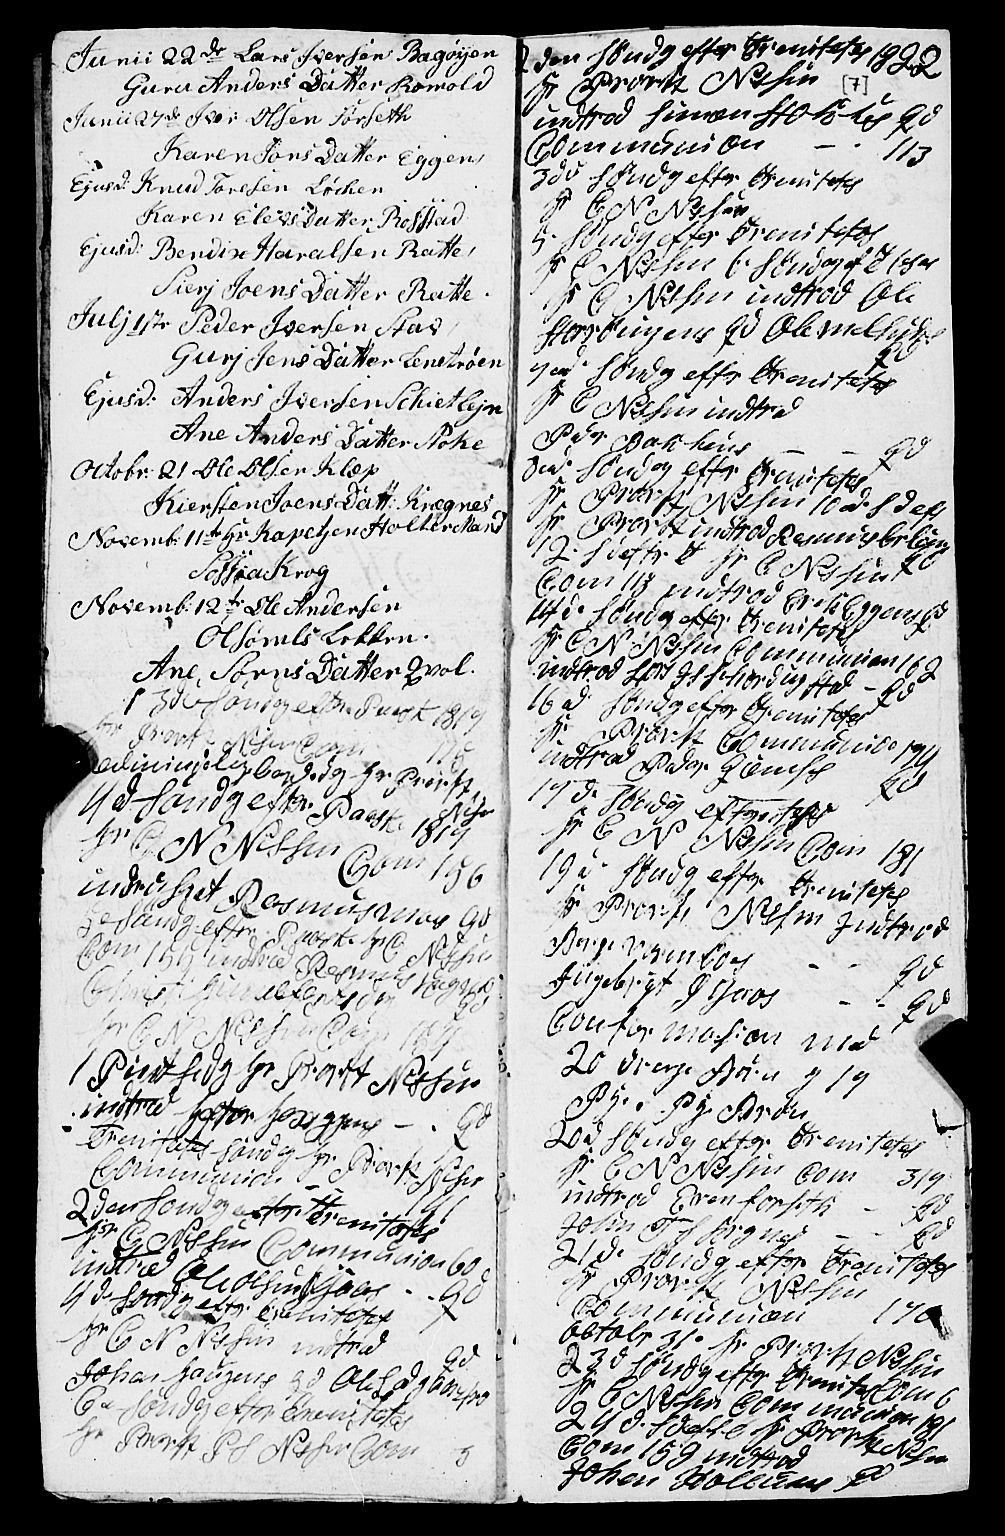 SAT, Ministerialprotokoller, klokkerbøker og fødselsregistre - Sør-Trøndelag, 691/L1091: Klokkerbok nr. 691C02, 1802-1815, s. 7